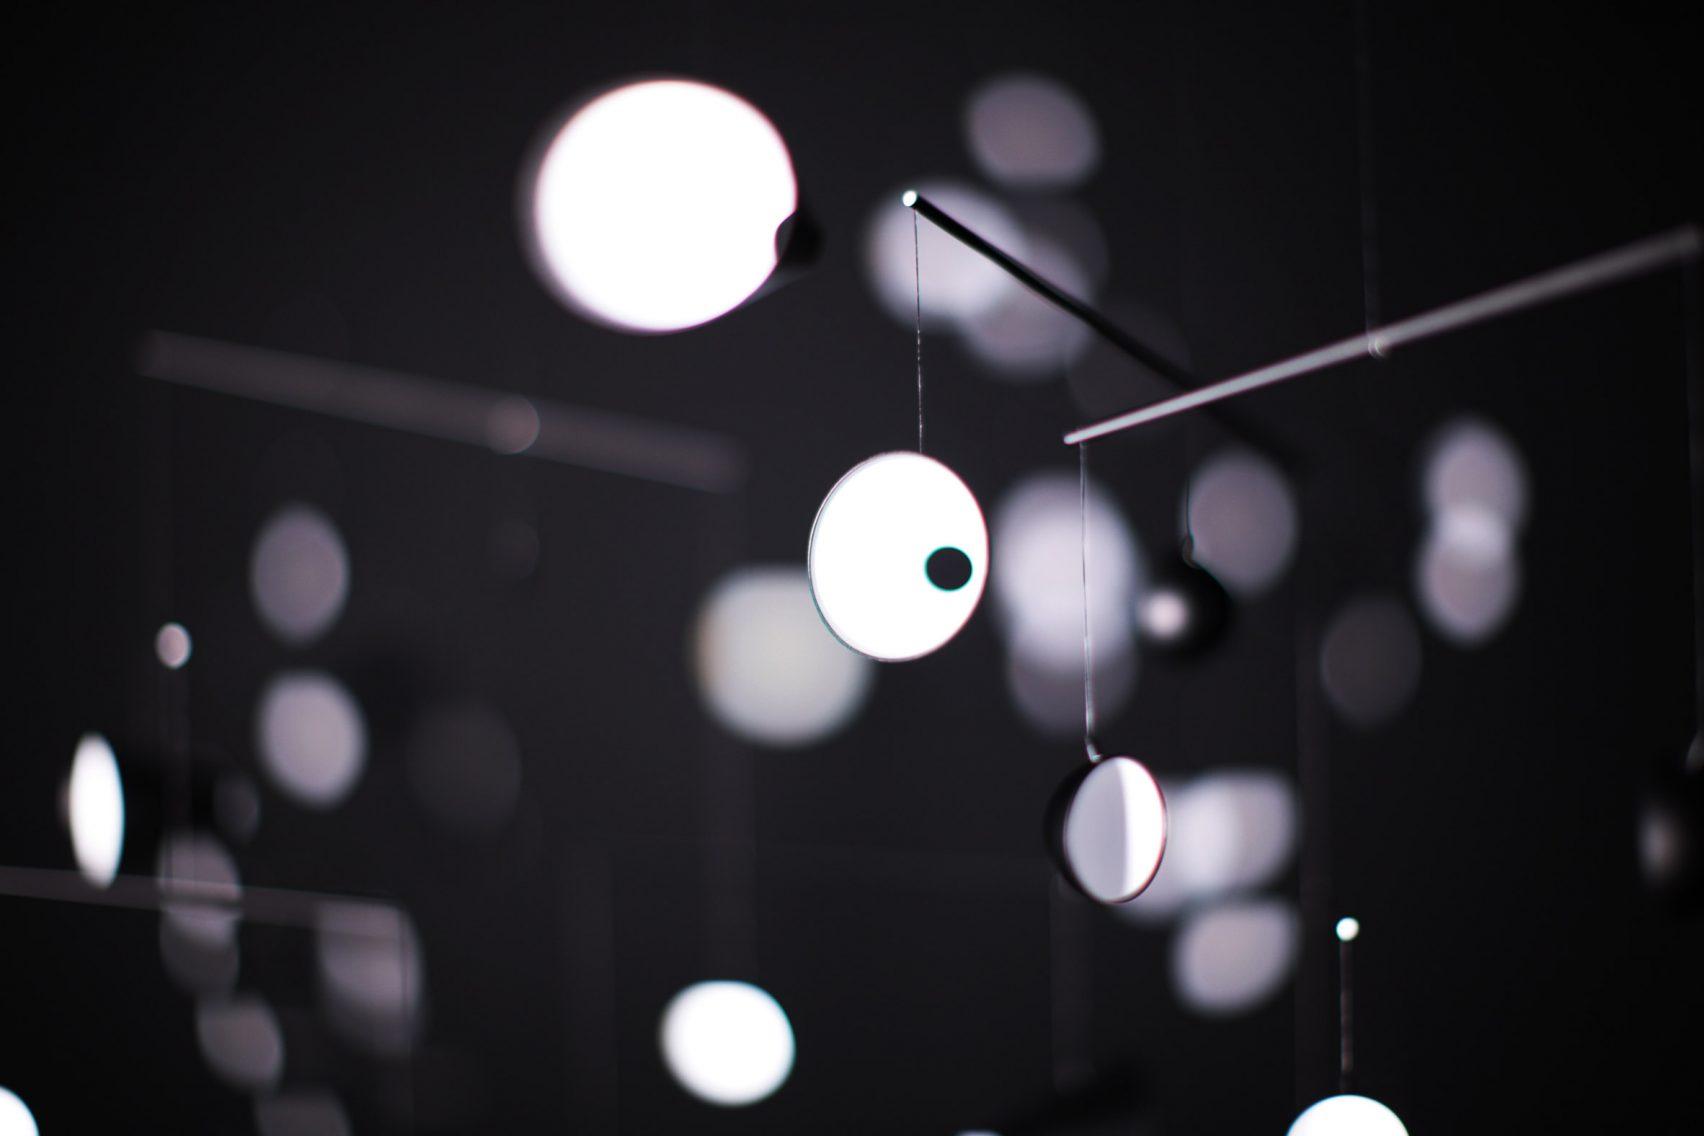 خلق چیدمانی توسط انعکاس های نور در آینه